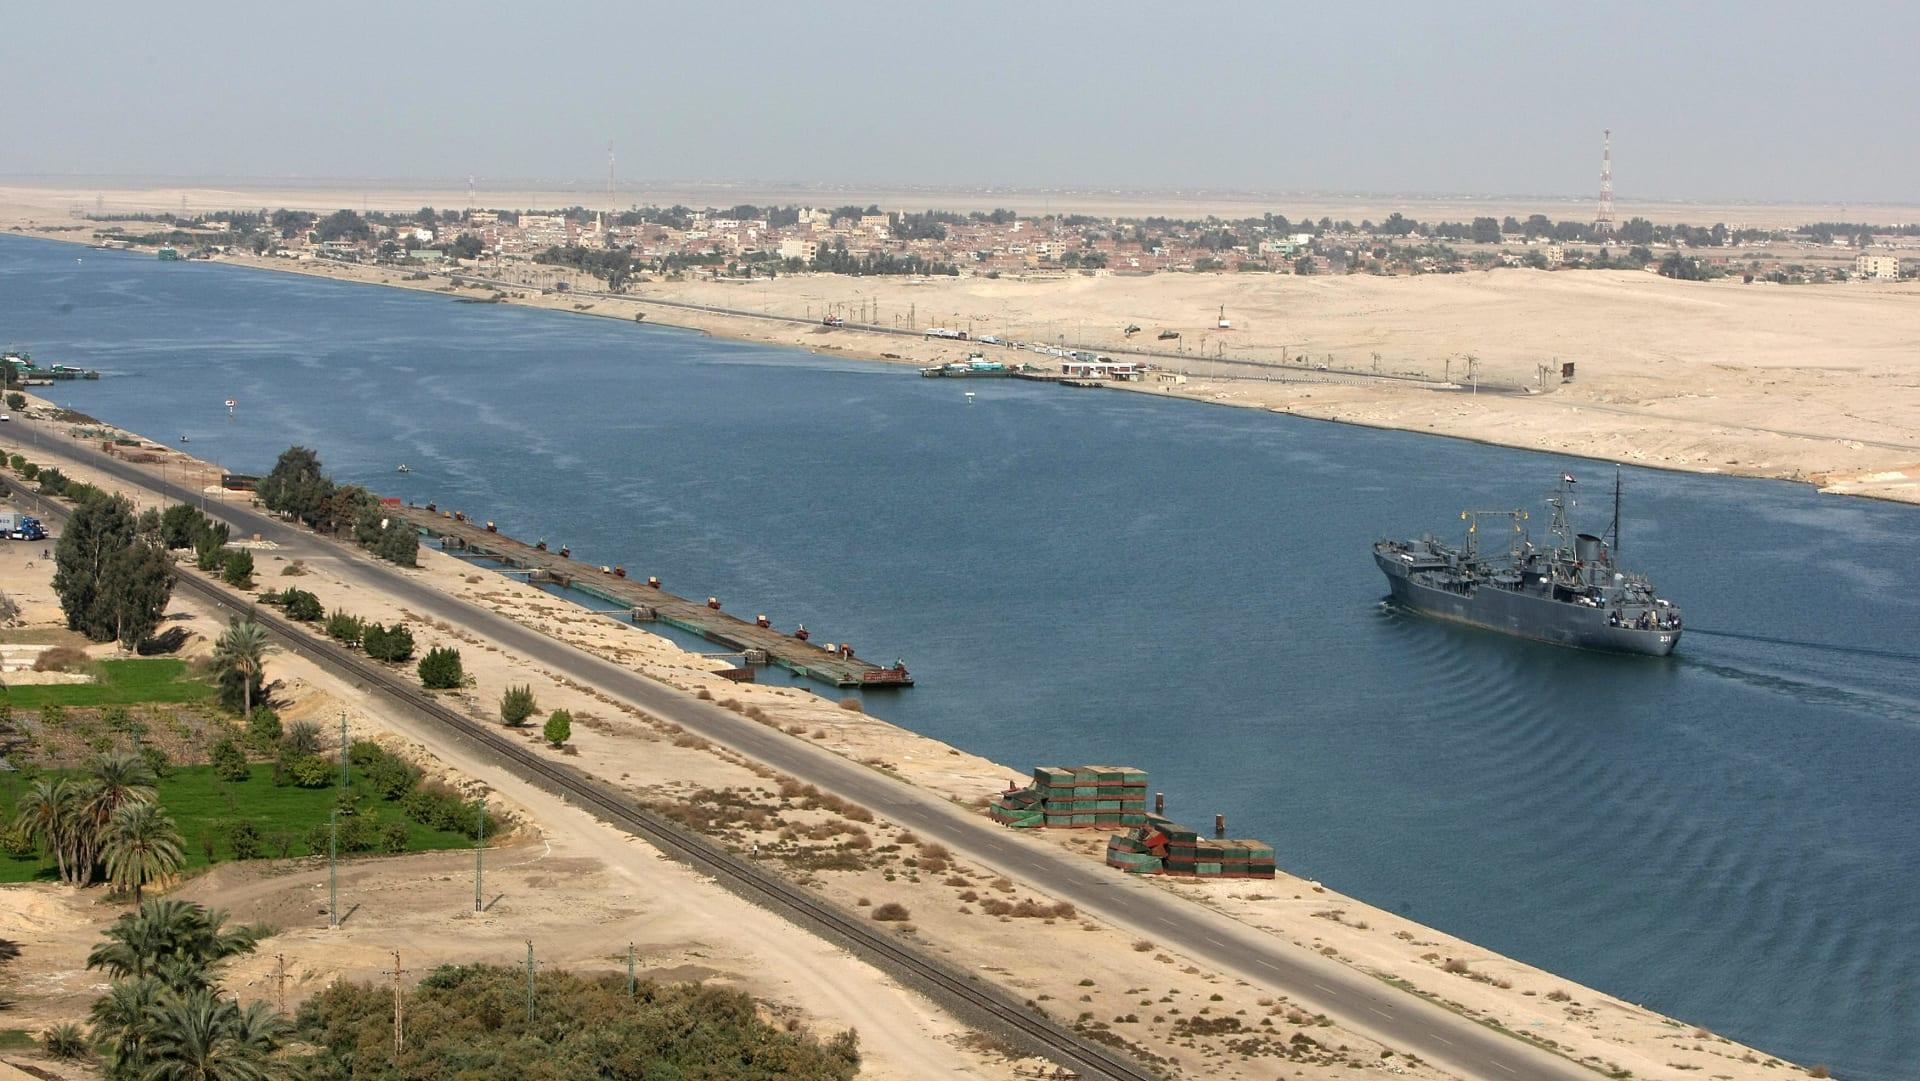 ائتلاف مصري: حرب اقتصادية مع قطر وضرورة منع سفنها بالسويس